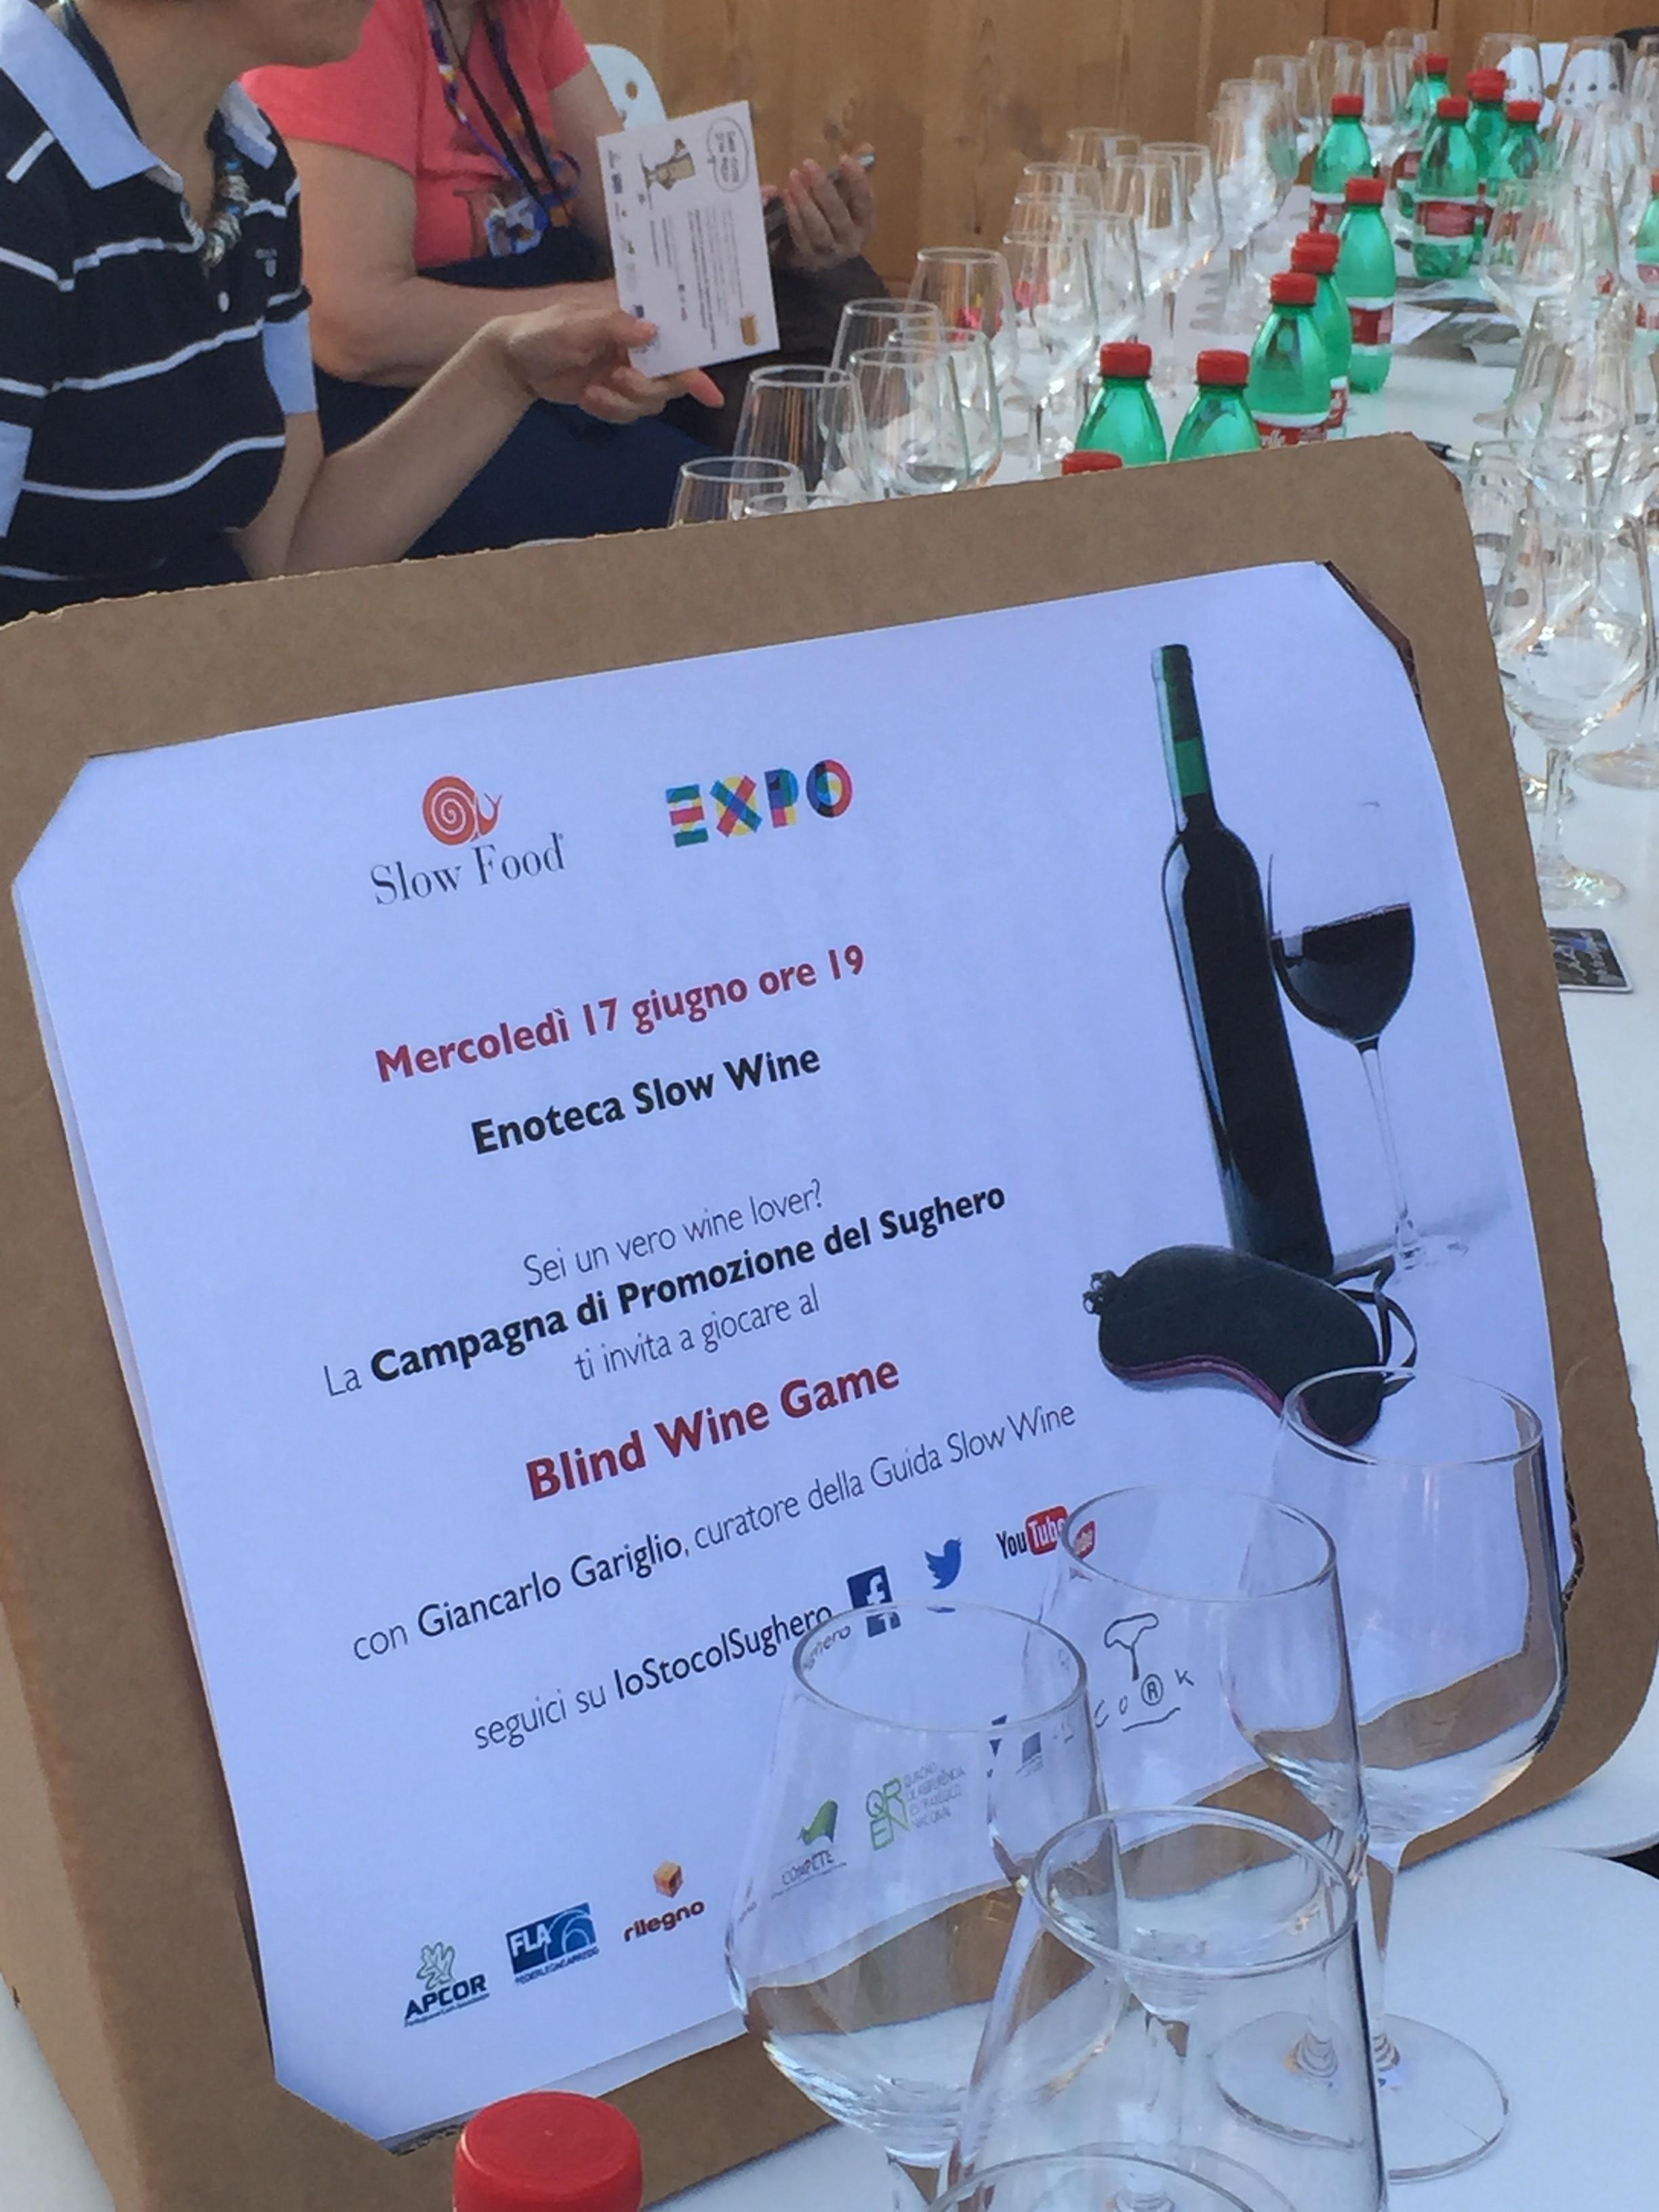 IMG_0339-e1435013681997 Serata ad Expo per Slow Food e la Campagna di Promozione del Sughero